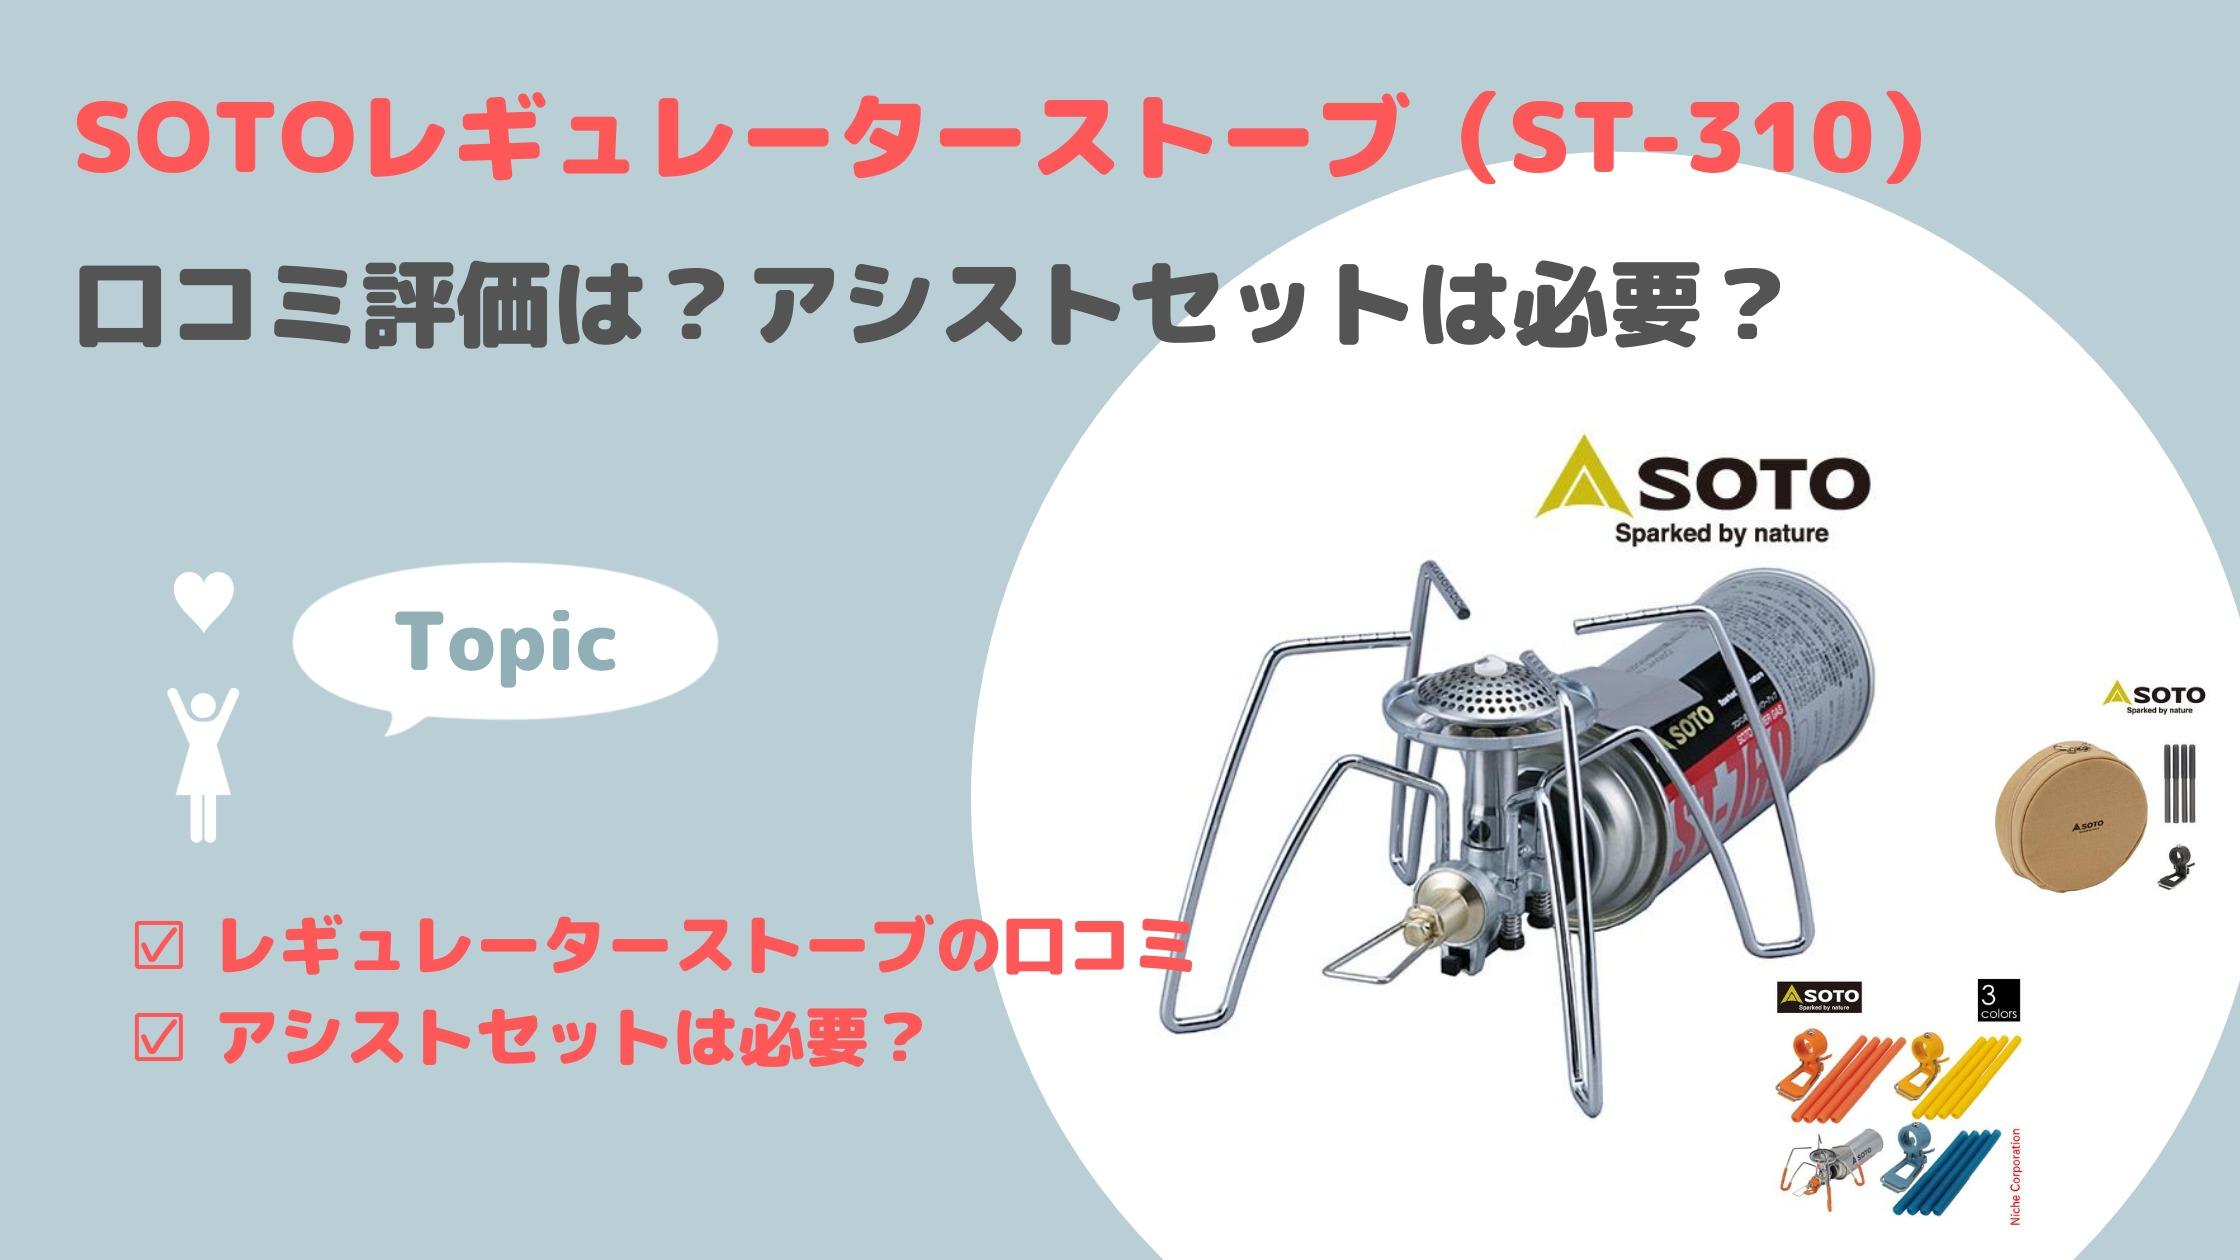 SOTOレギュレーターストーブ(ST-310)の口コミ評価